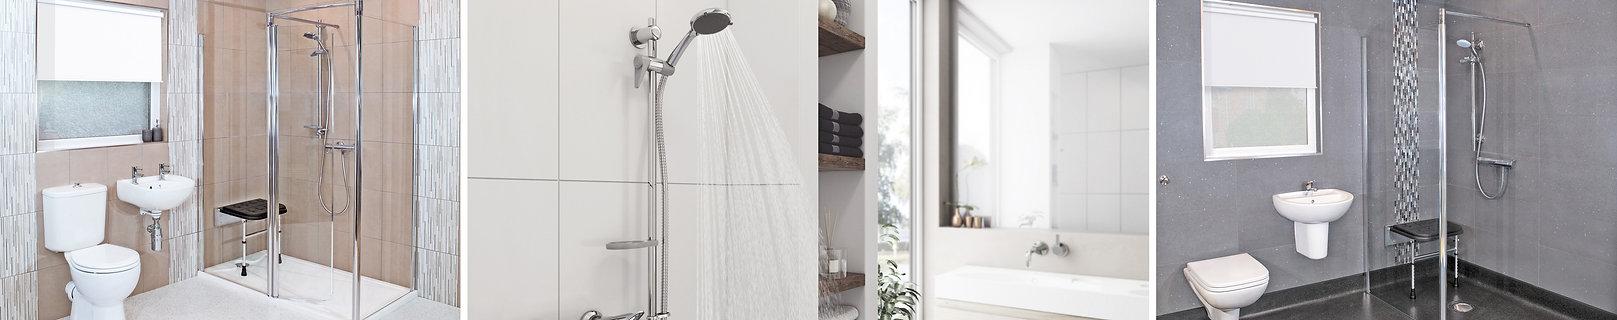 showers-header-montage.jpg